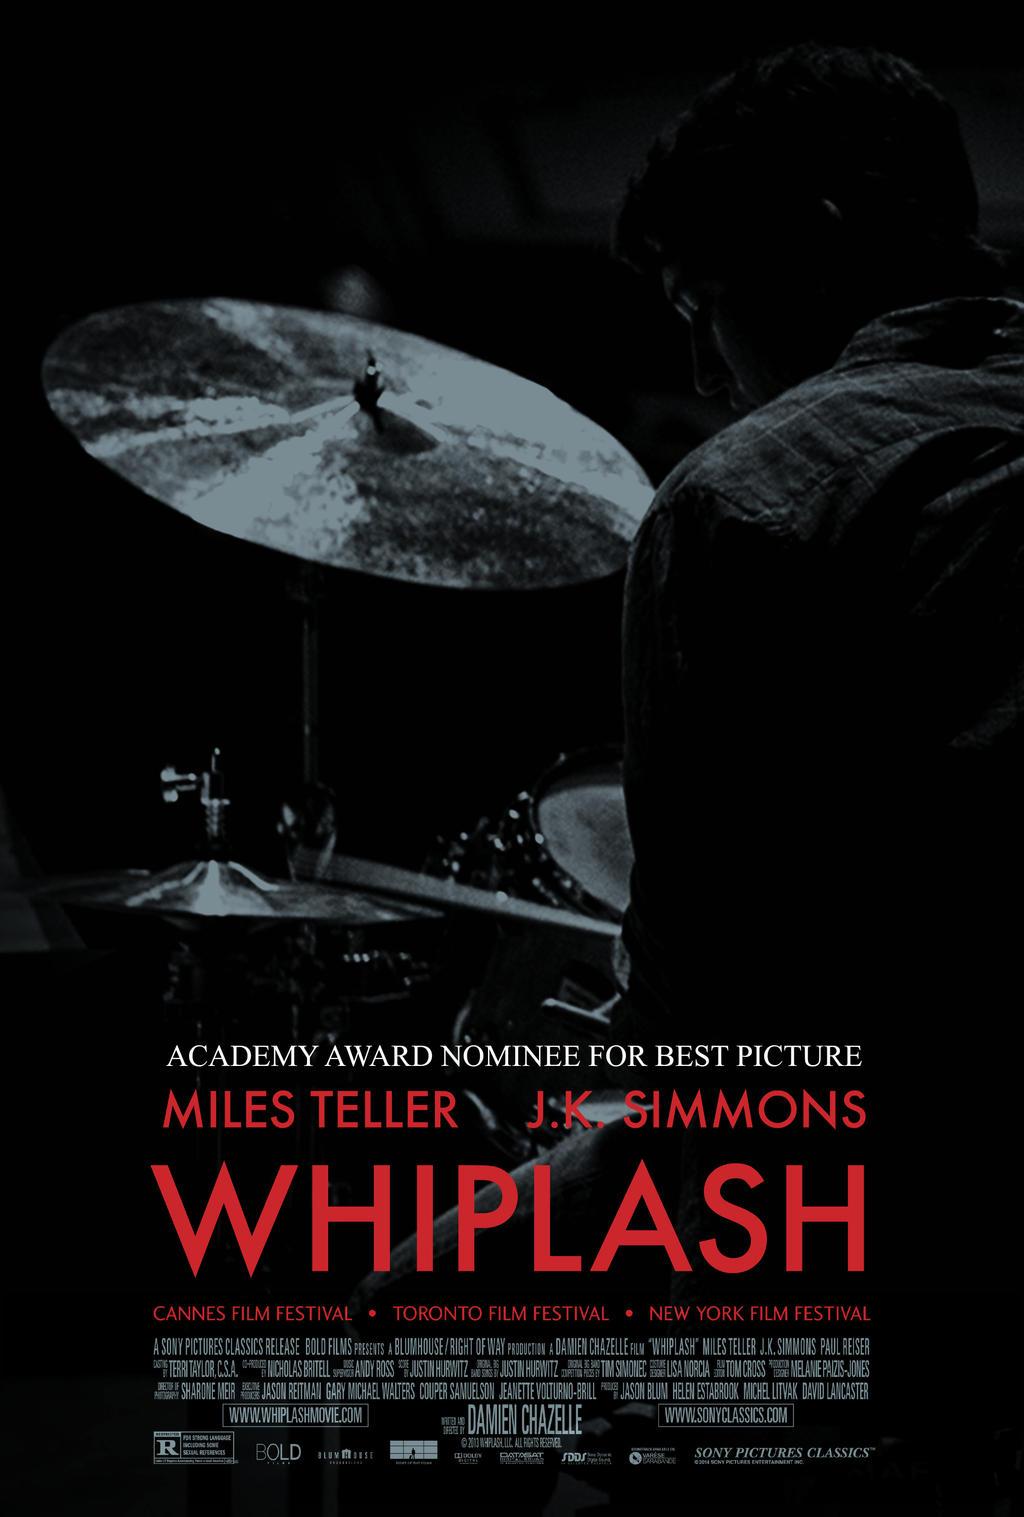 Watch Whiplash (2014) Full Movie Online Free | hd.movietv.biz  |Whiplash Movie Poster